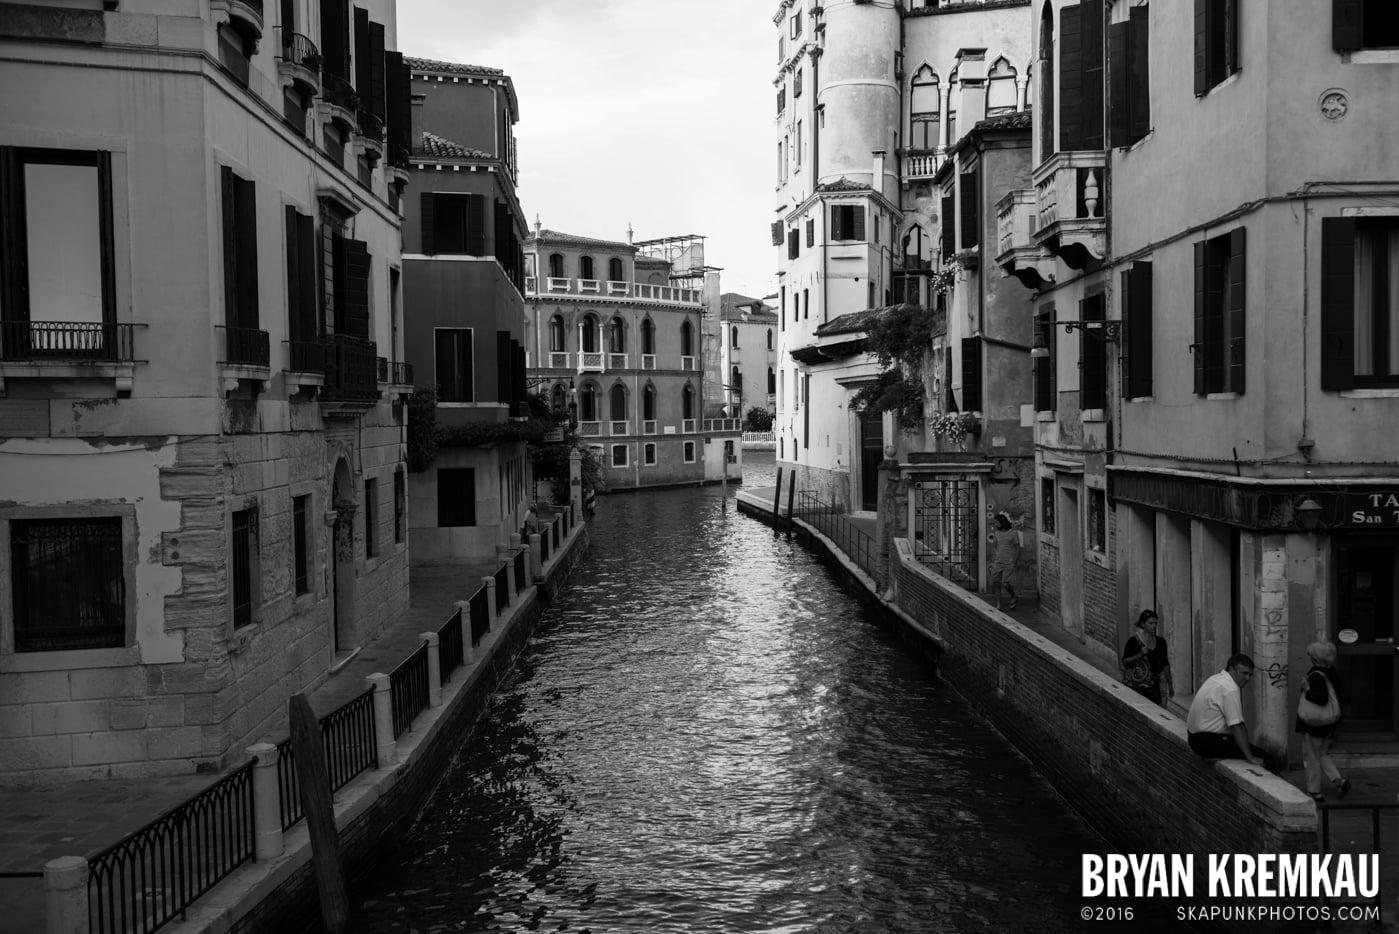 Italy Vacation - Day 4: Venice - 9.12.13 (24)